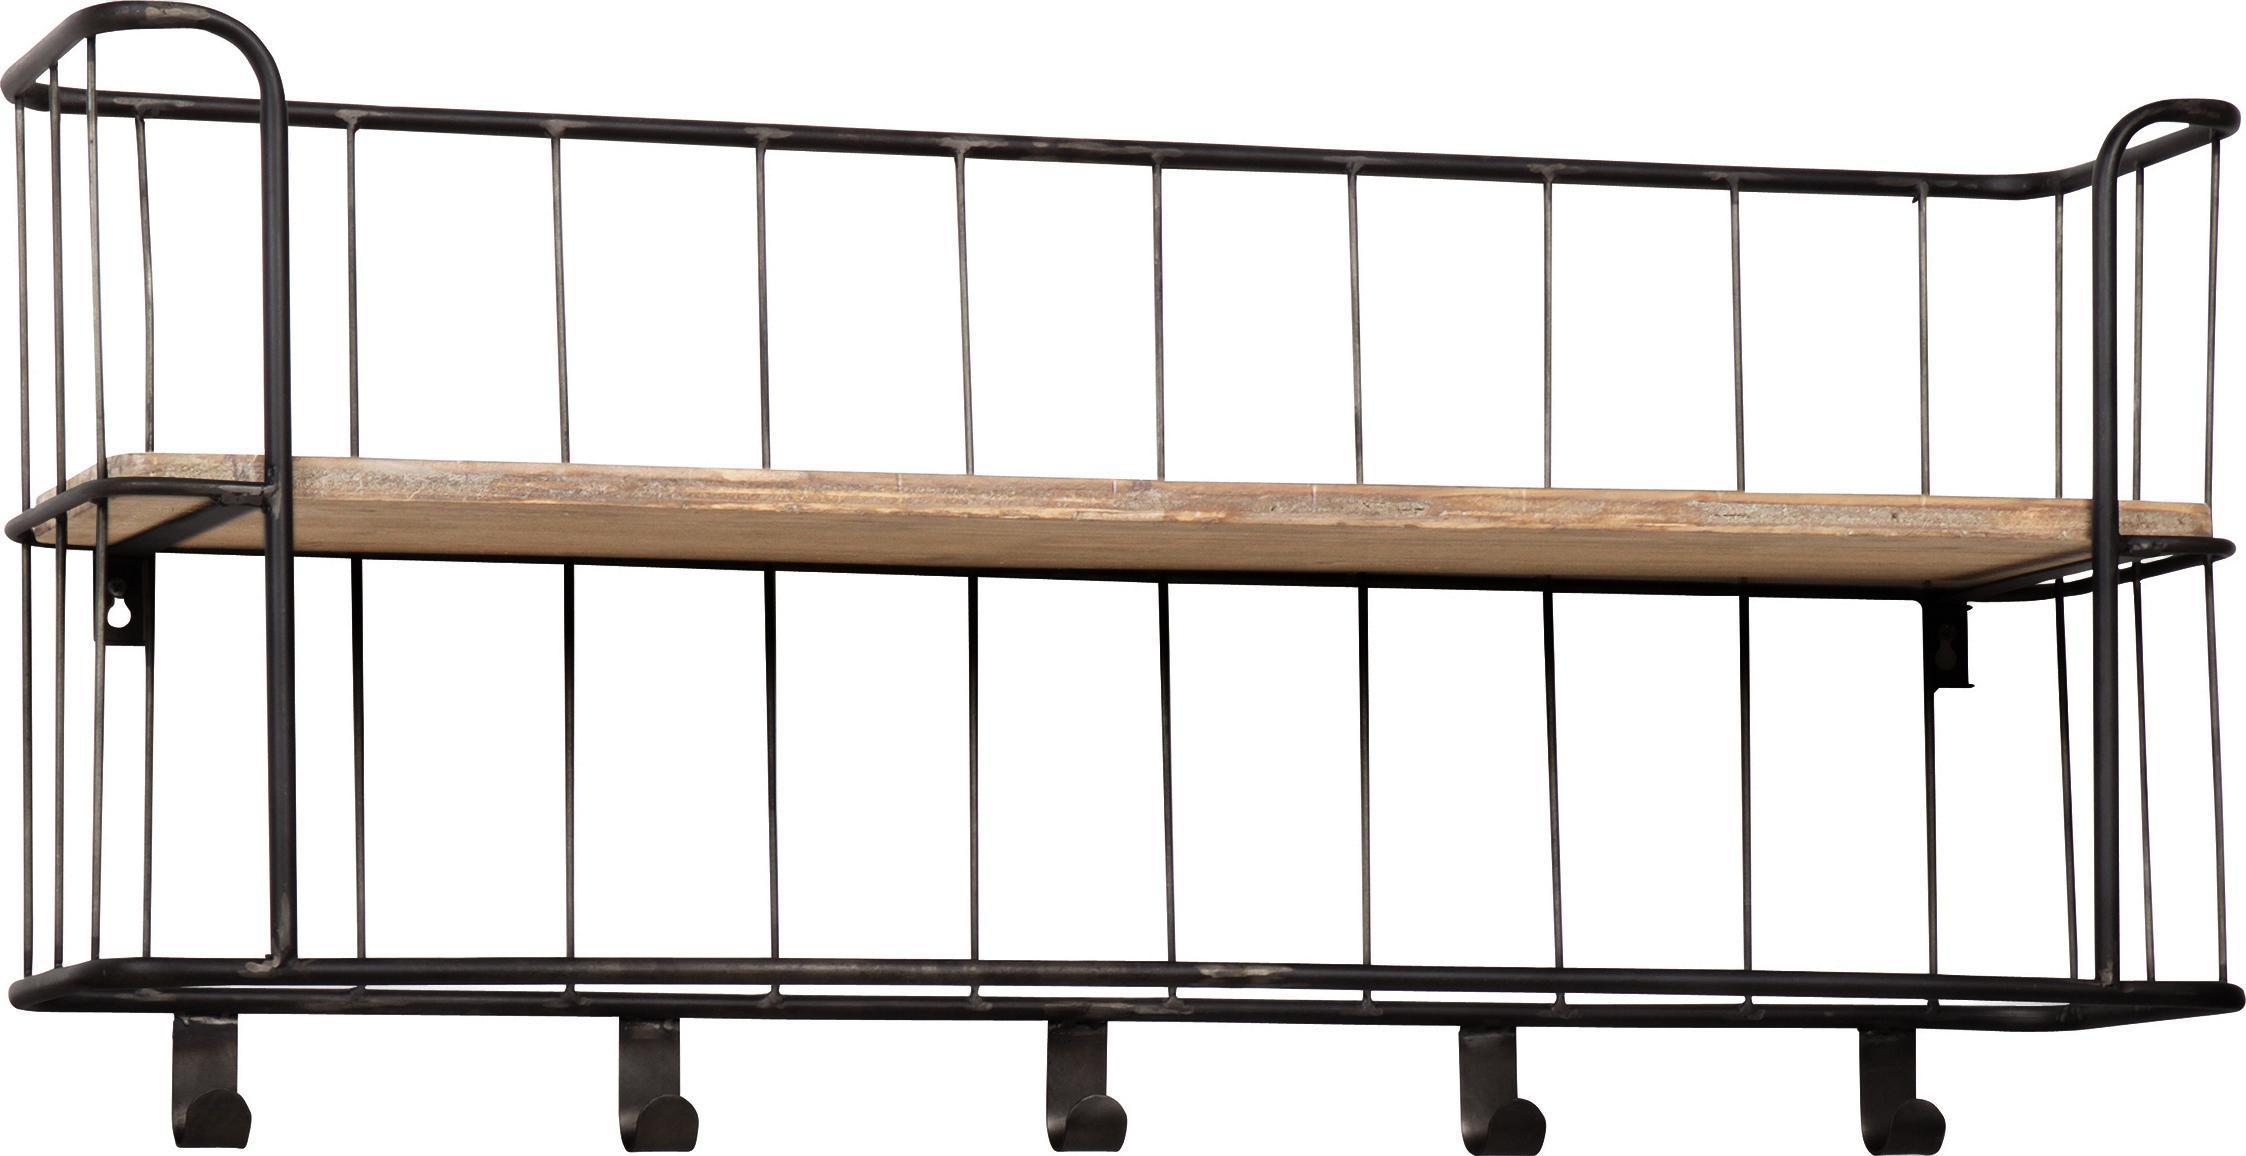 Rustikale Wandgarderobe Giro, Gestell: Metall, beschichtet, Dunkelgrau, Mangoholz, 85 x 40 cm